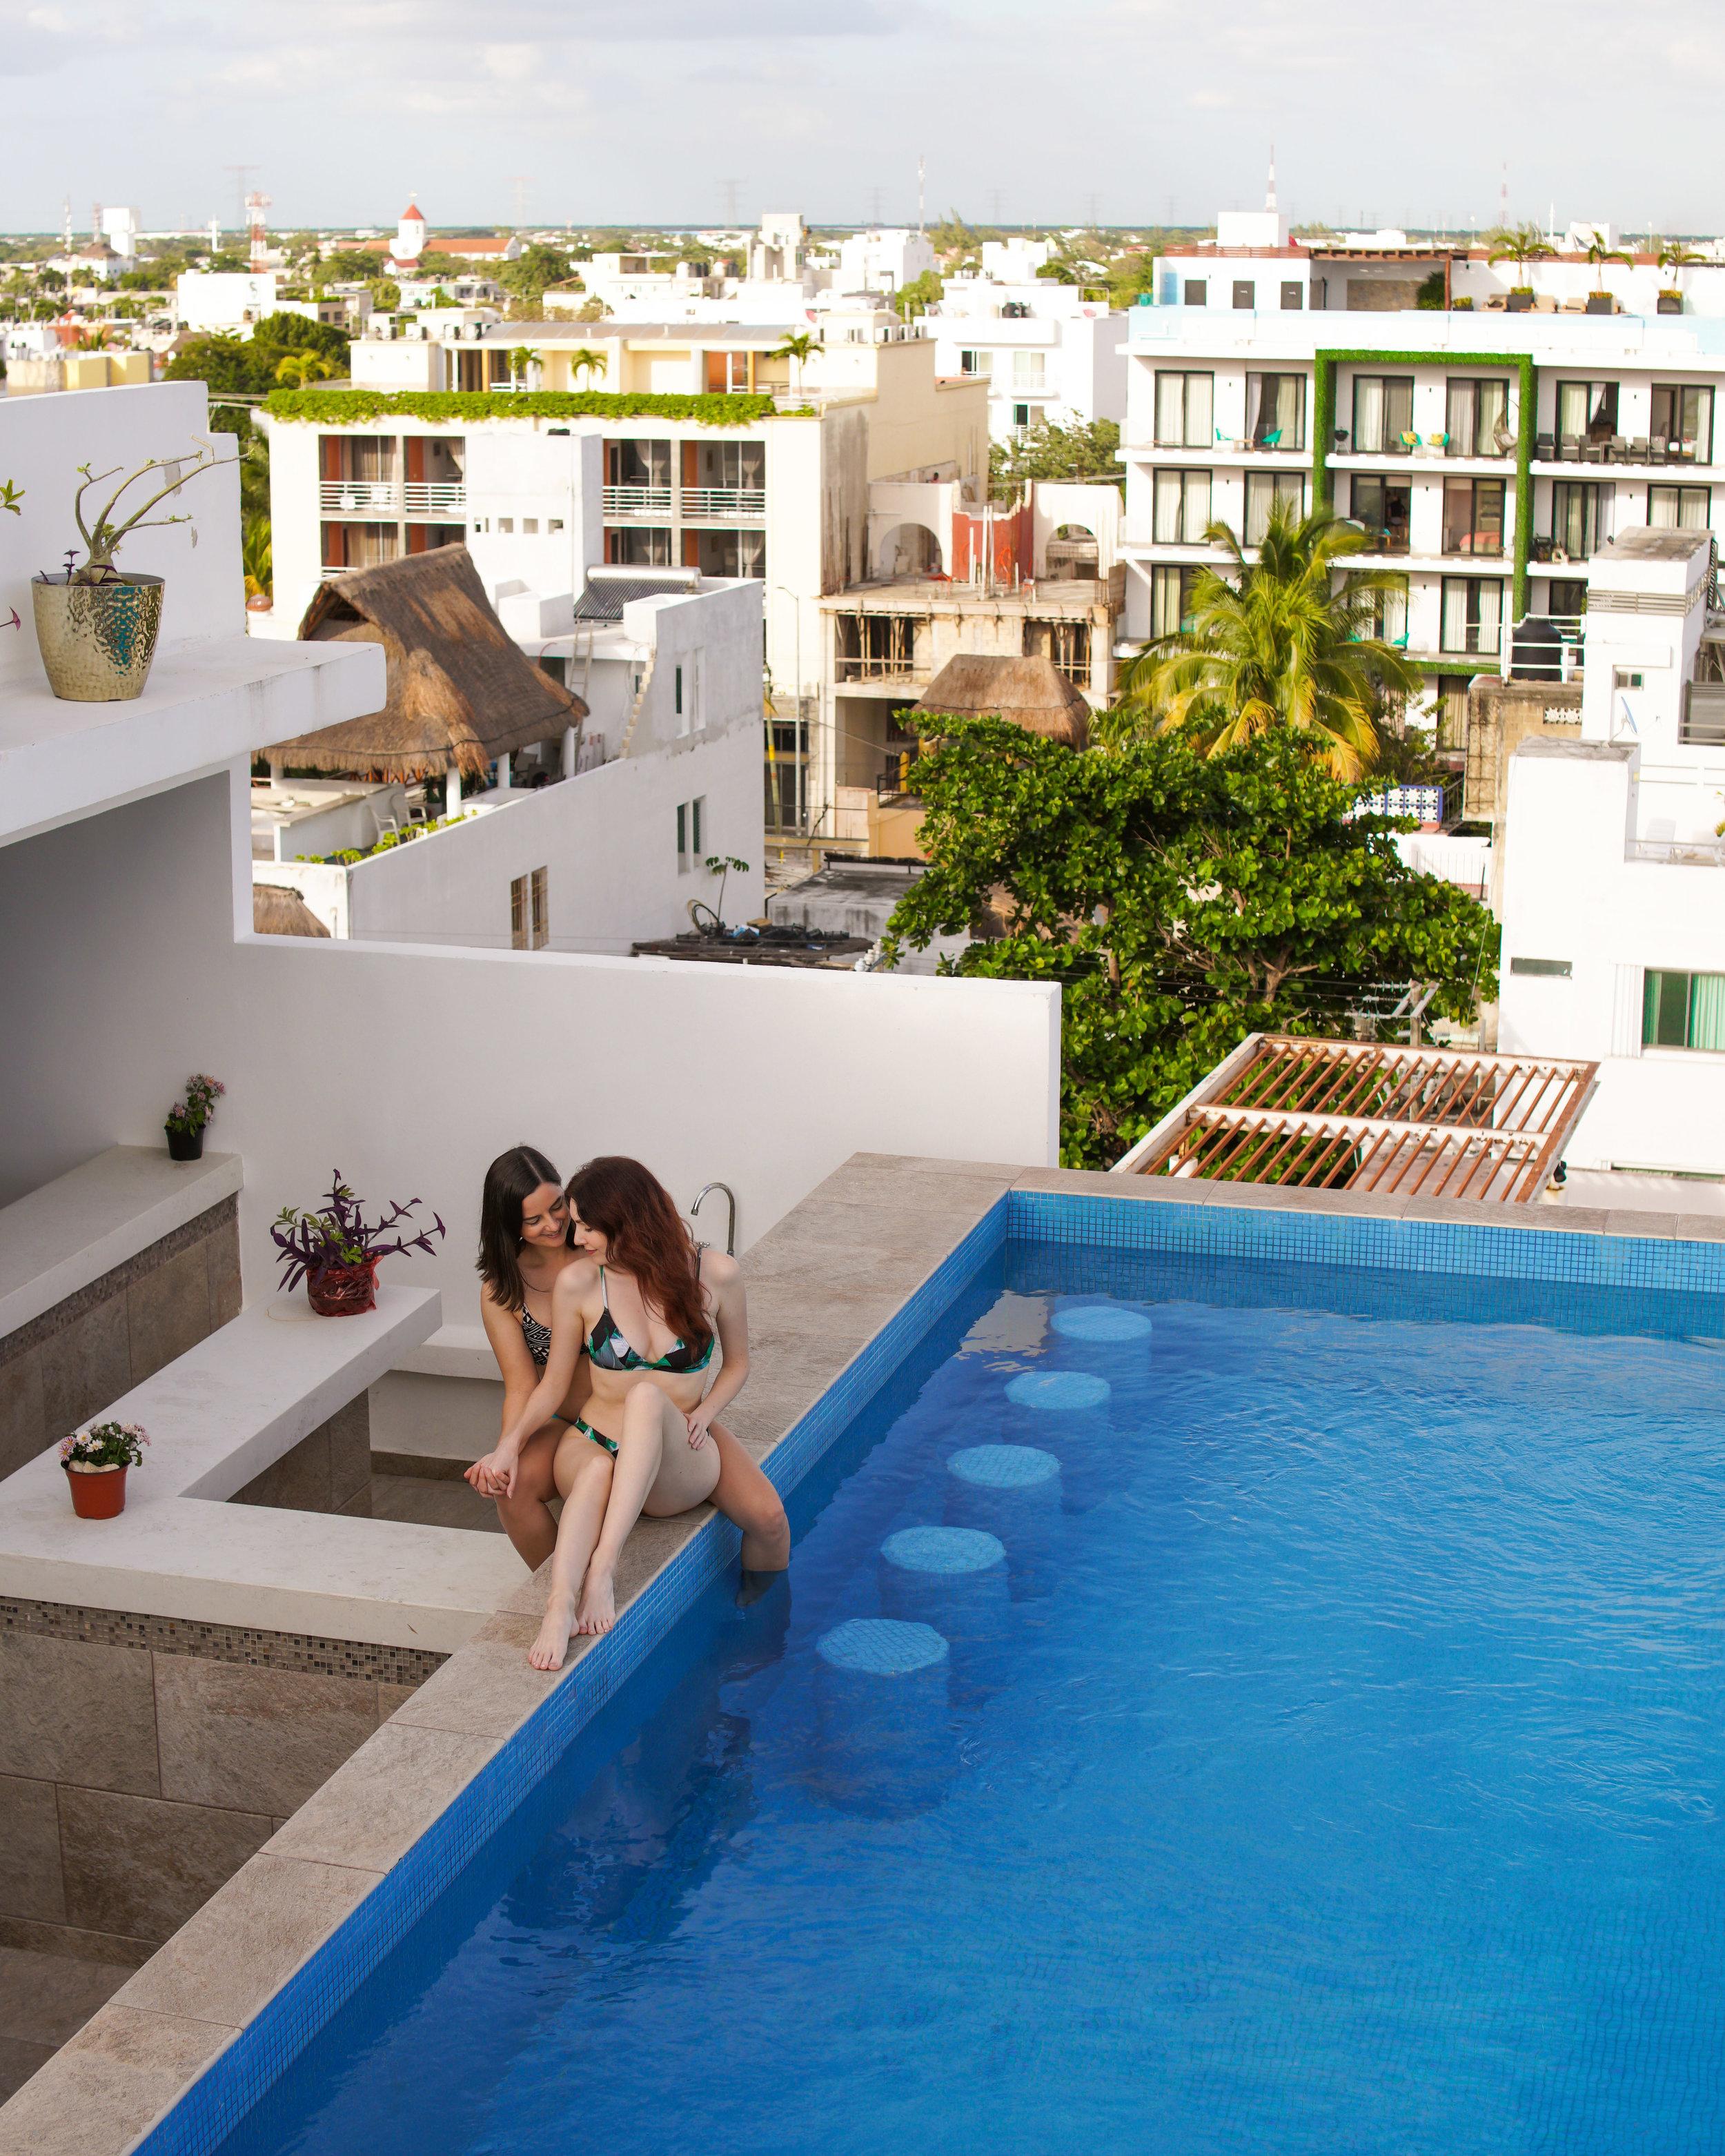 Steph & Katie Playa del Carmen Pool.jpg